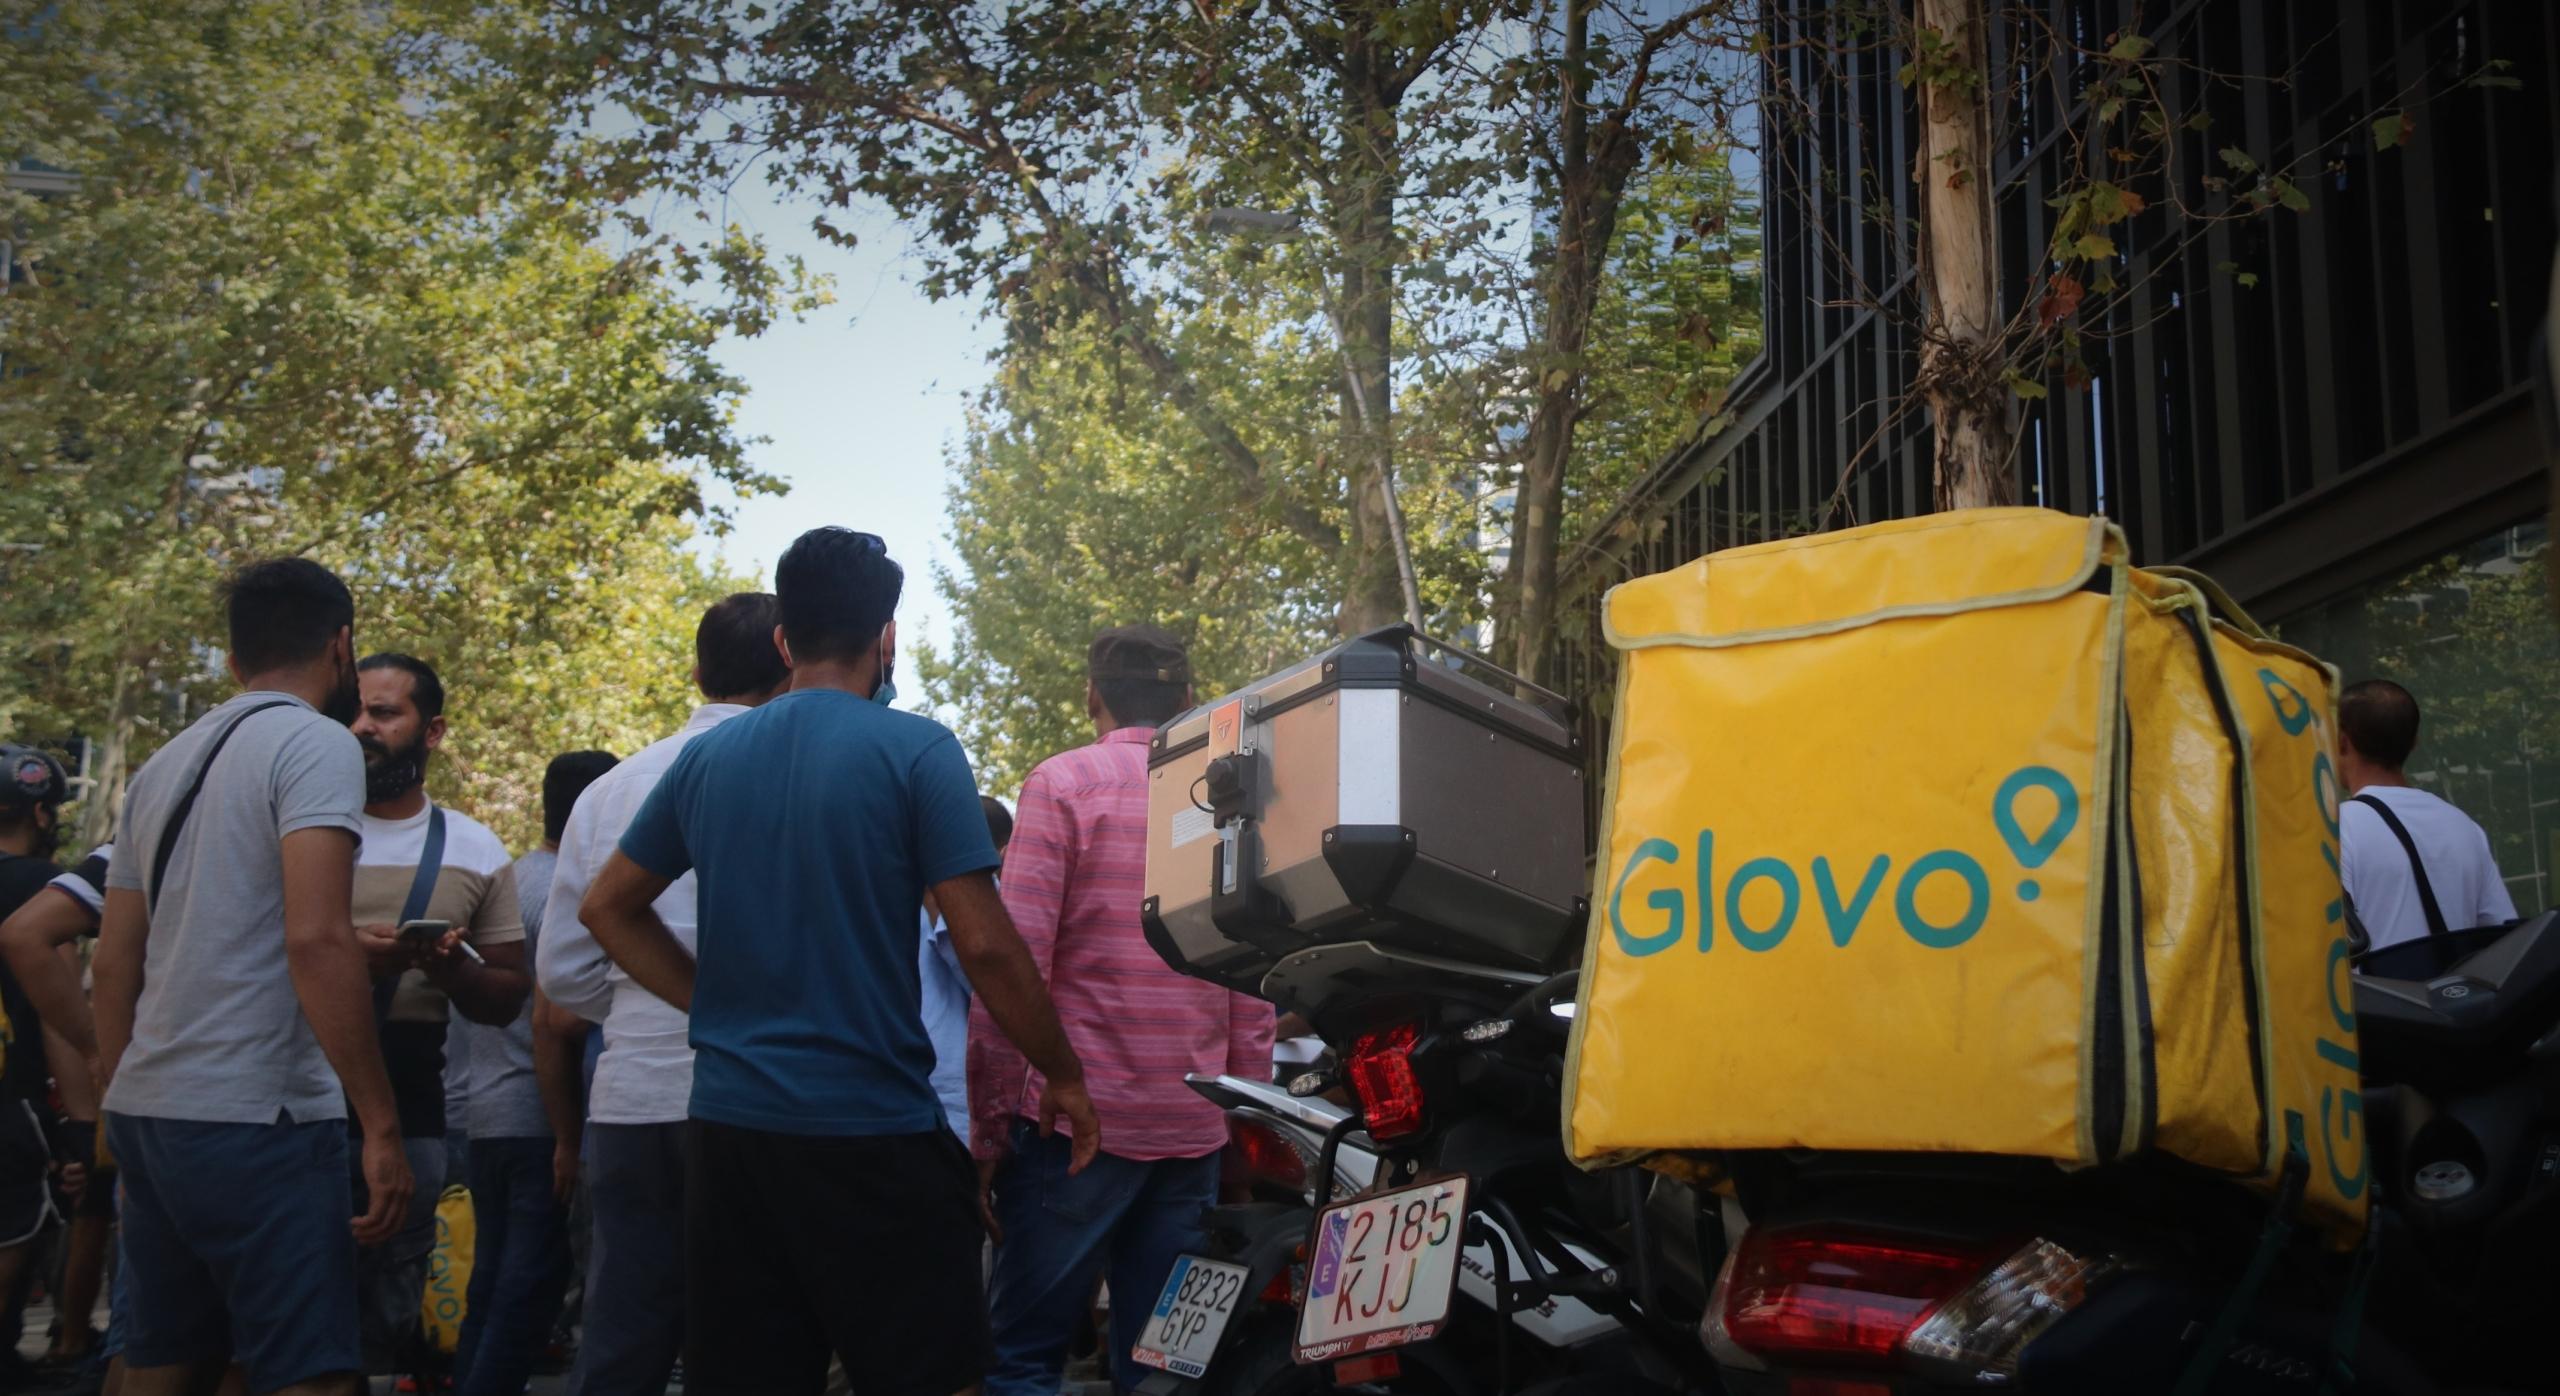 Els repartidors de Glovo en una protesta, al Poblenou / Albert Cadanet (ACN)